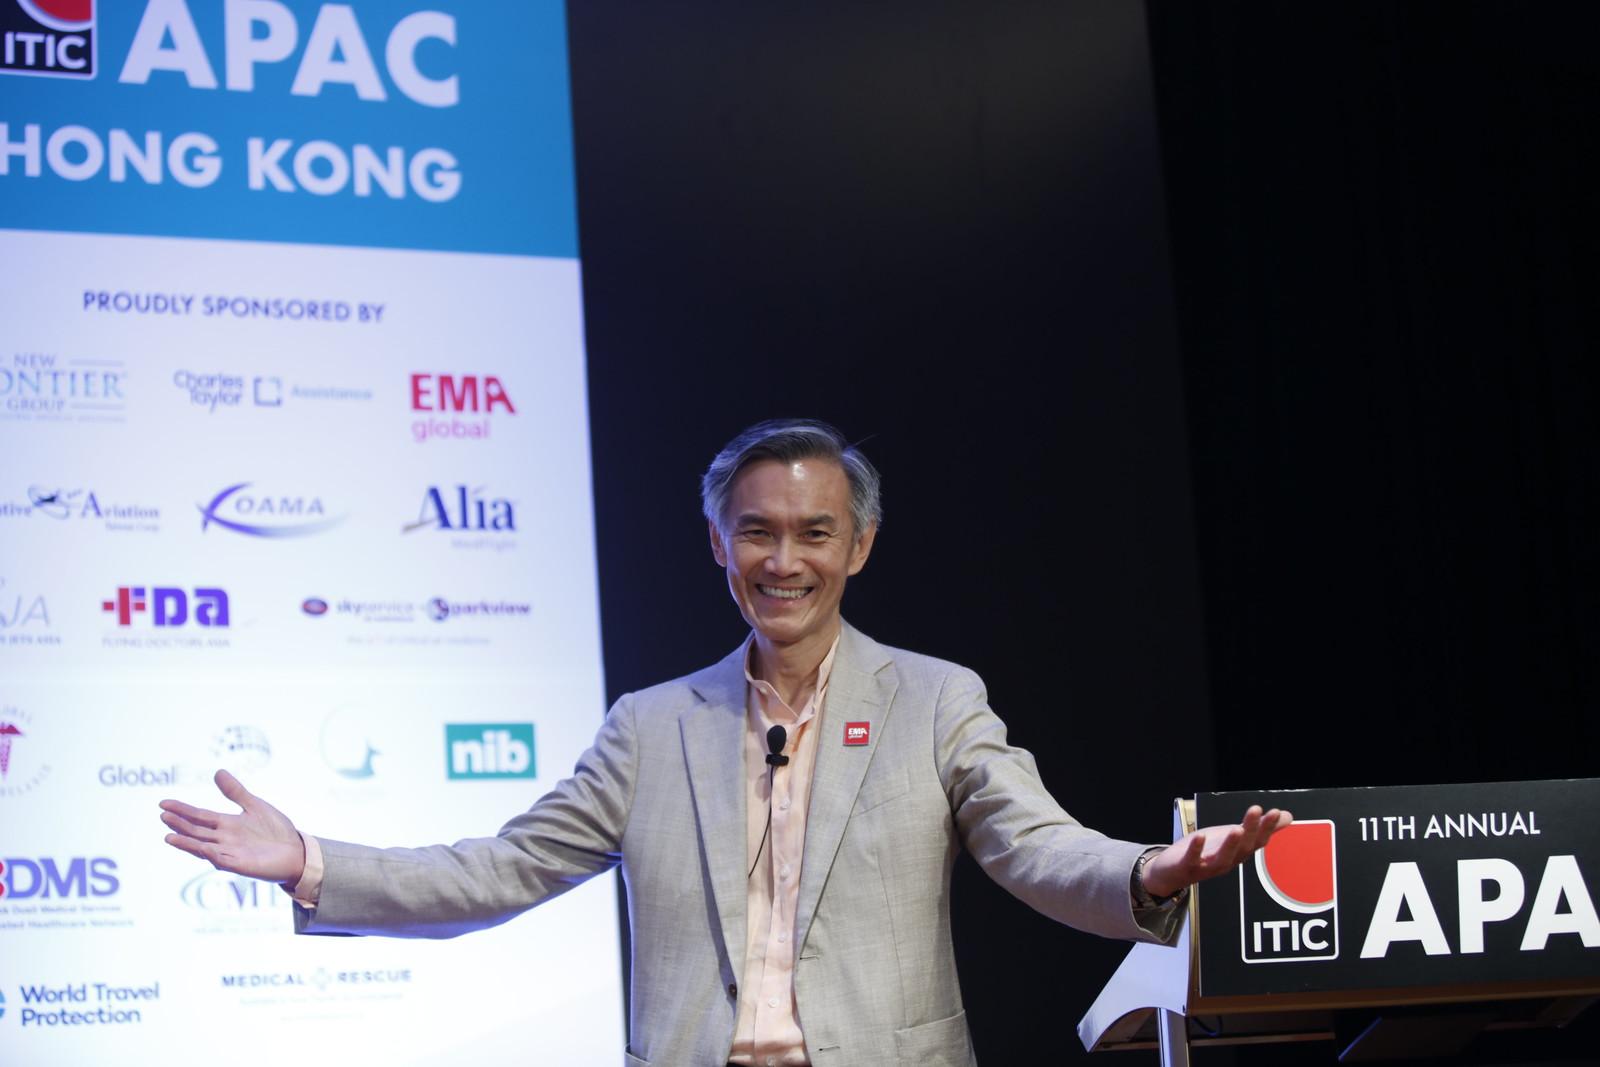 ITIC APAC- Hong Kong 2019